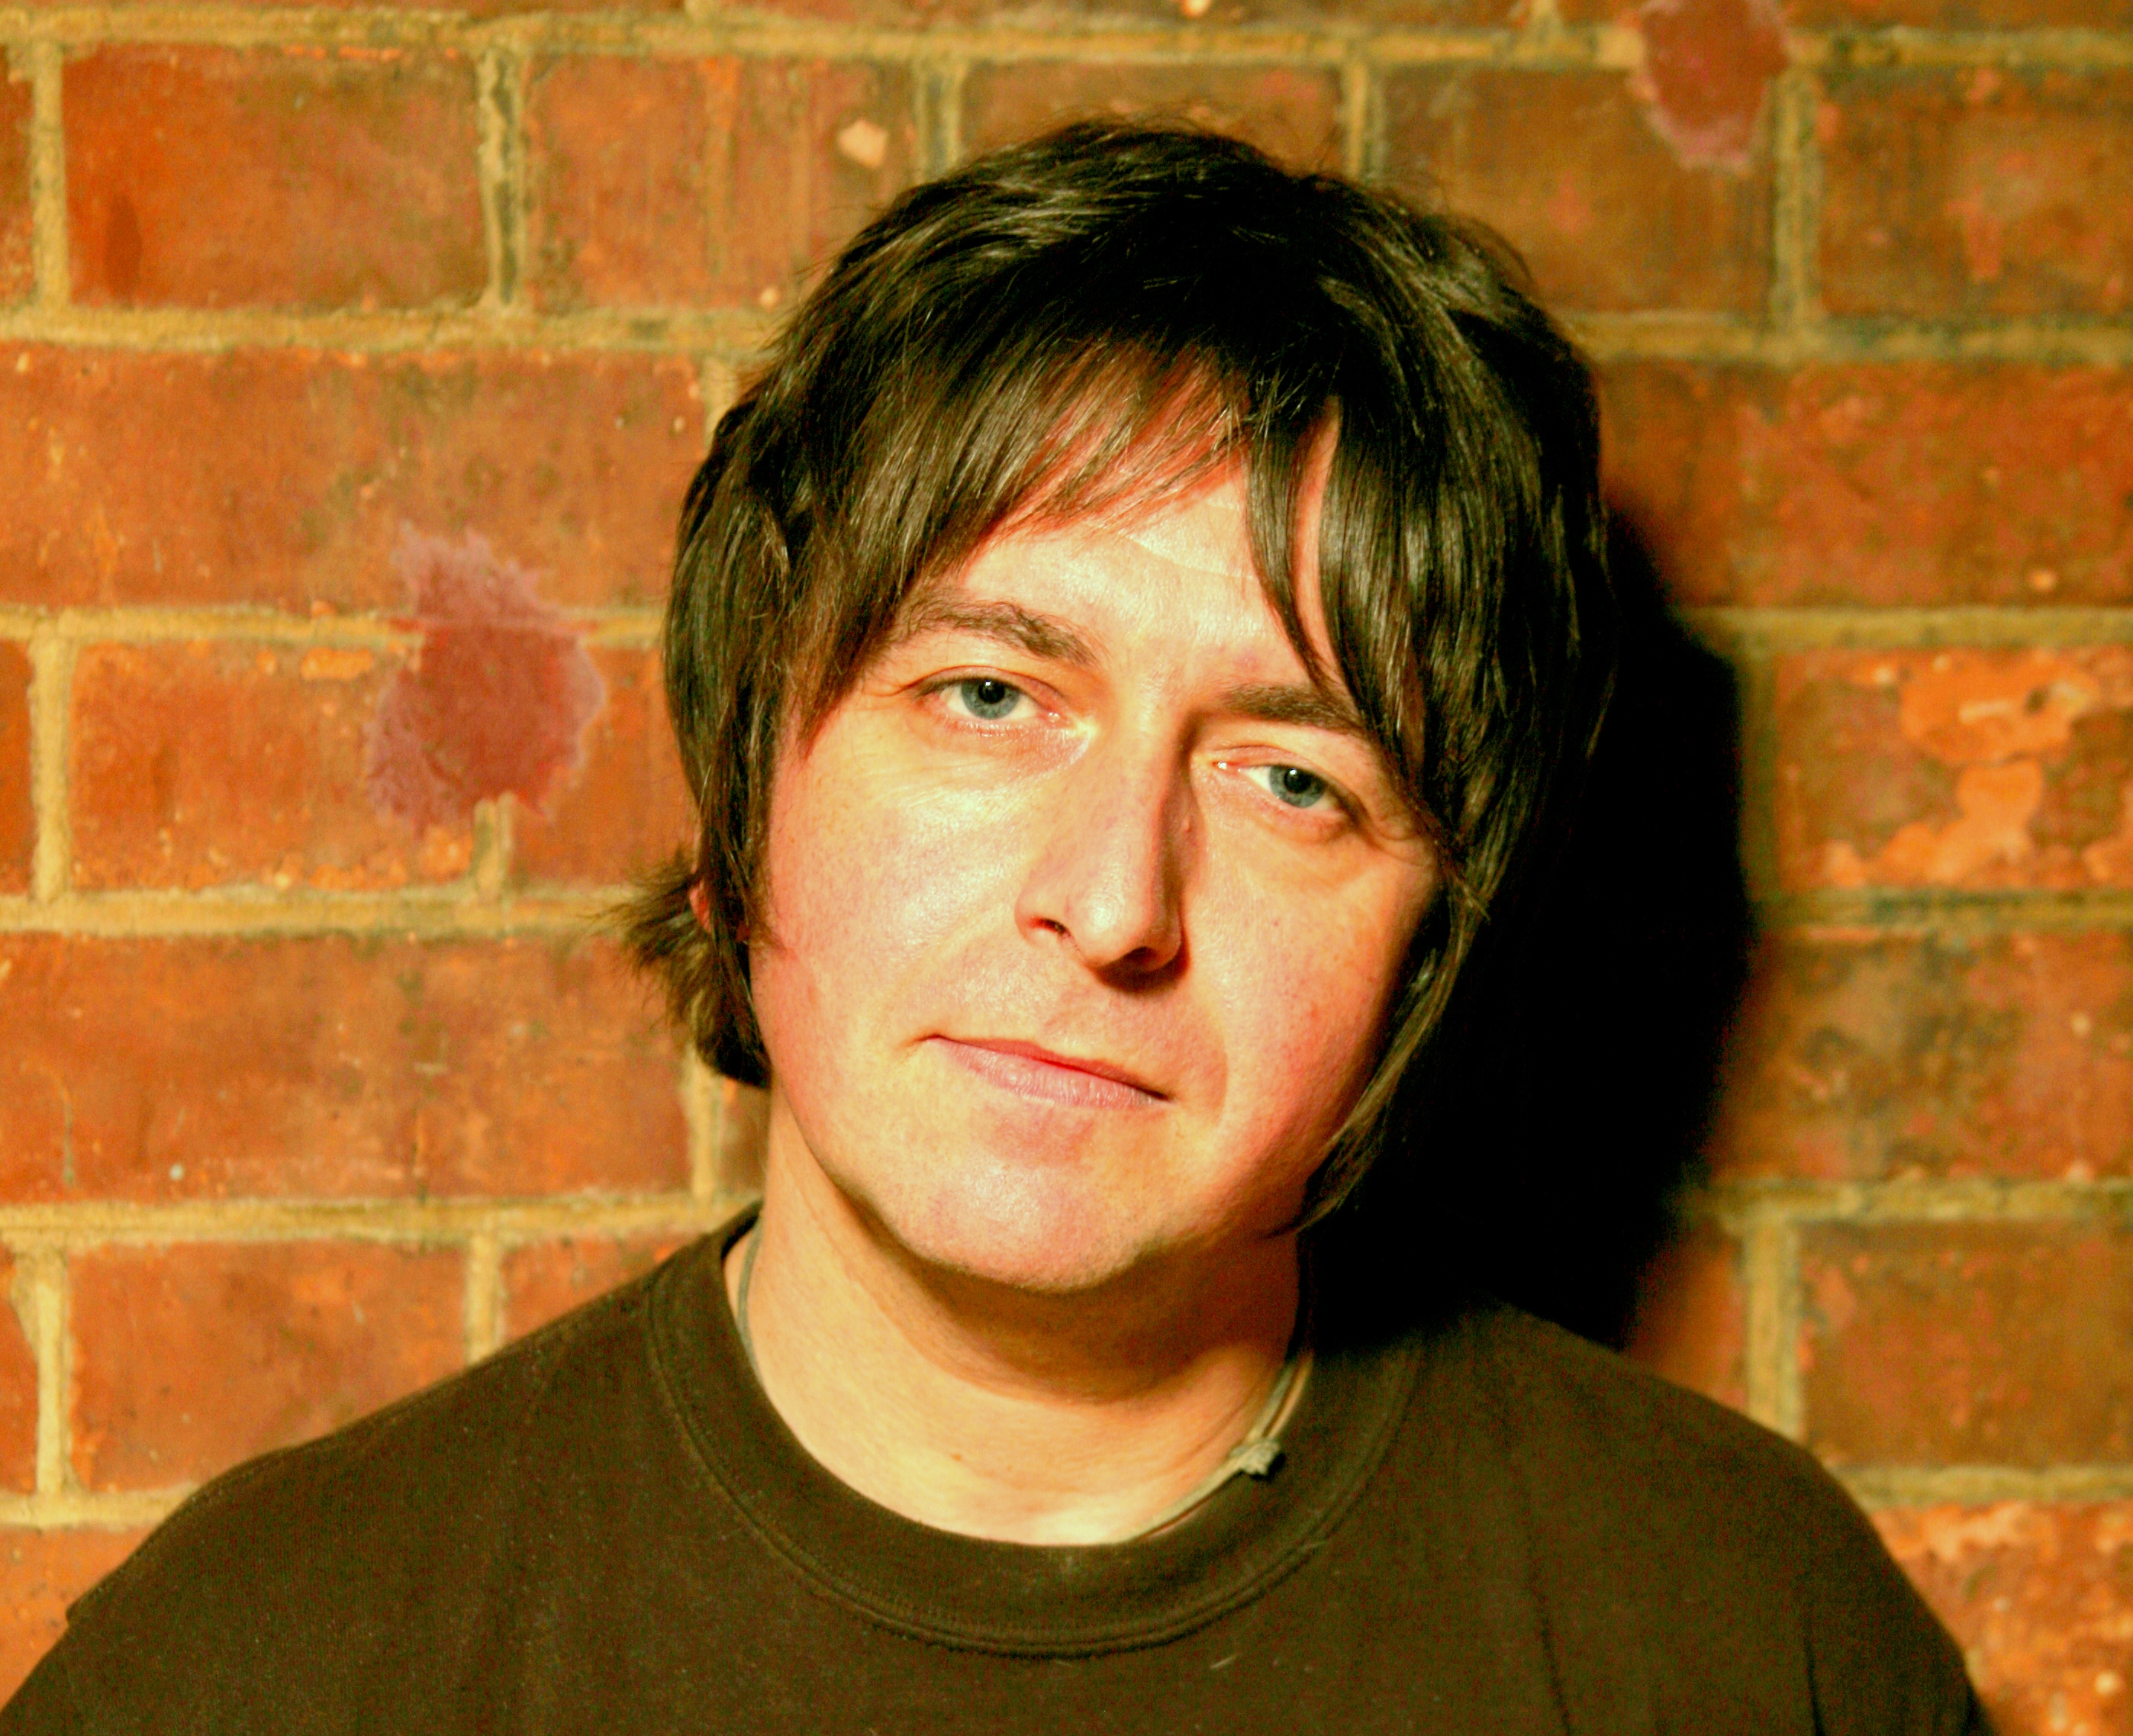 阿德里安・貝瑞(Adrian BERRY)|英國傑克遜巷藝術中心藝術總監